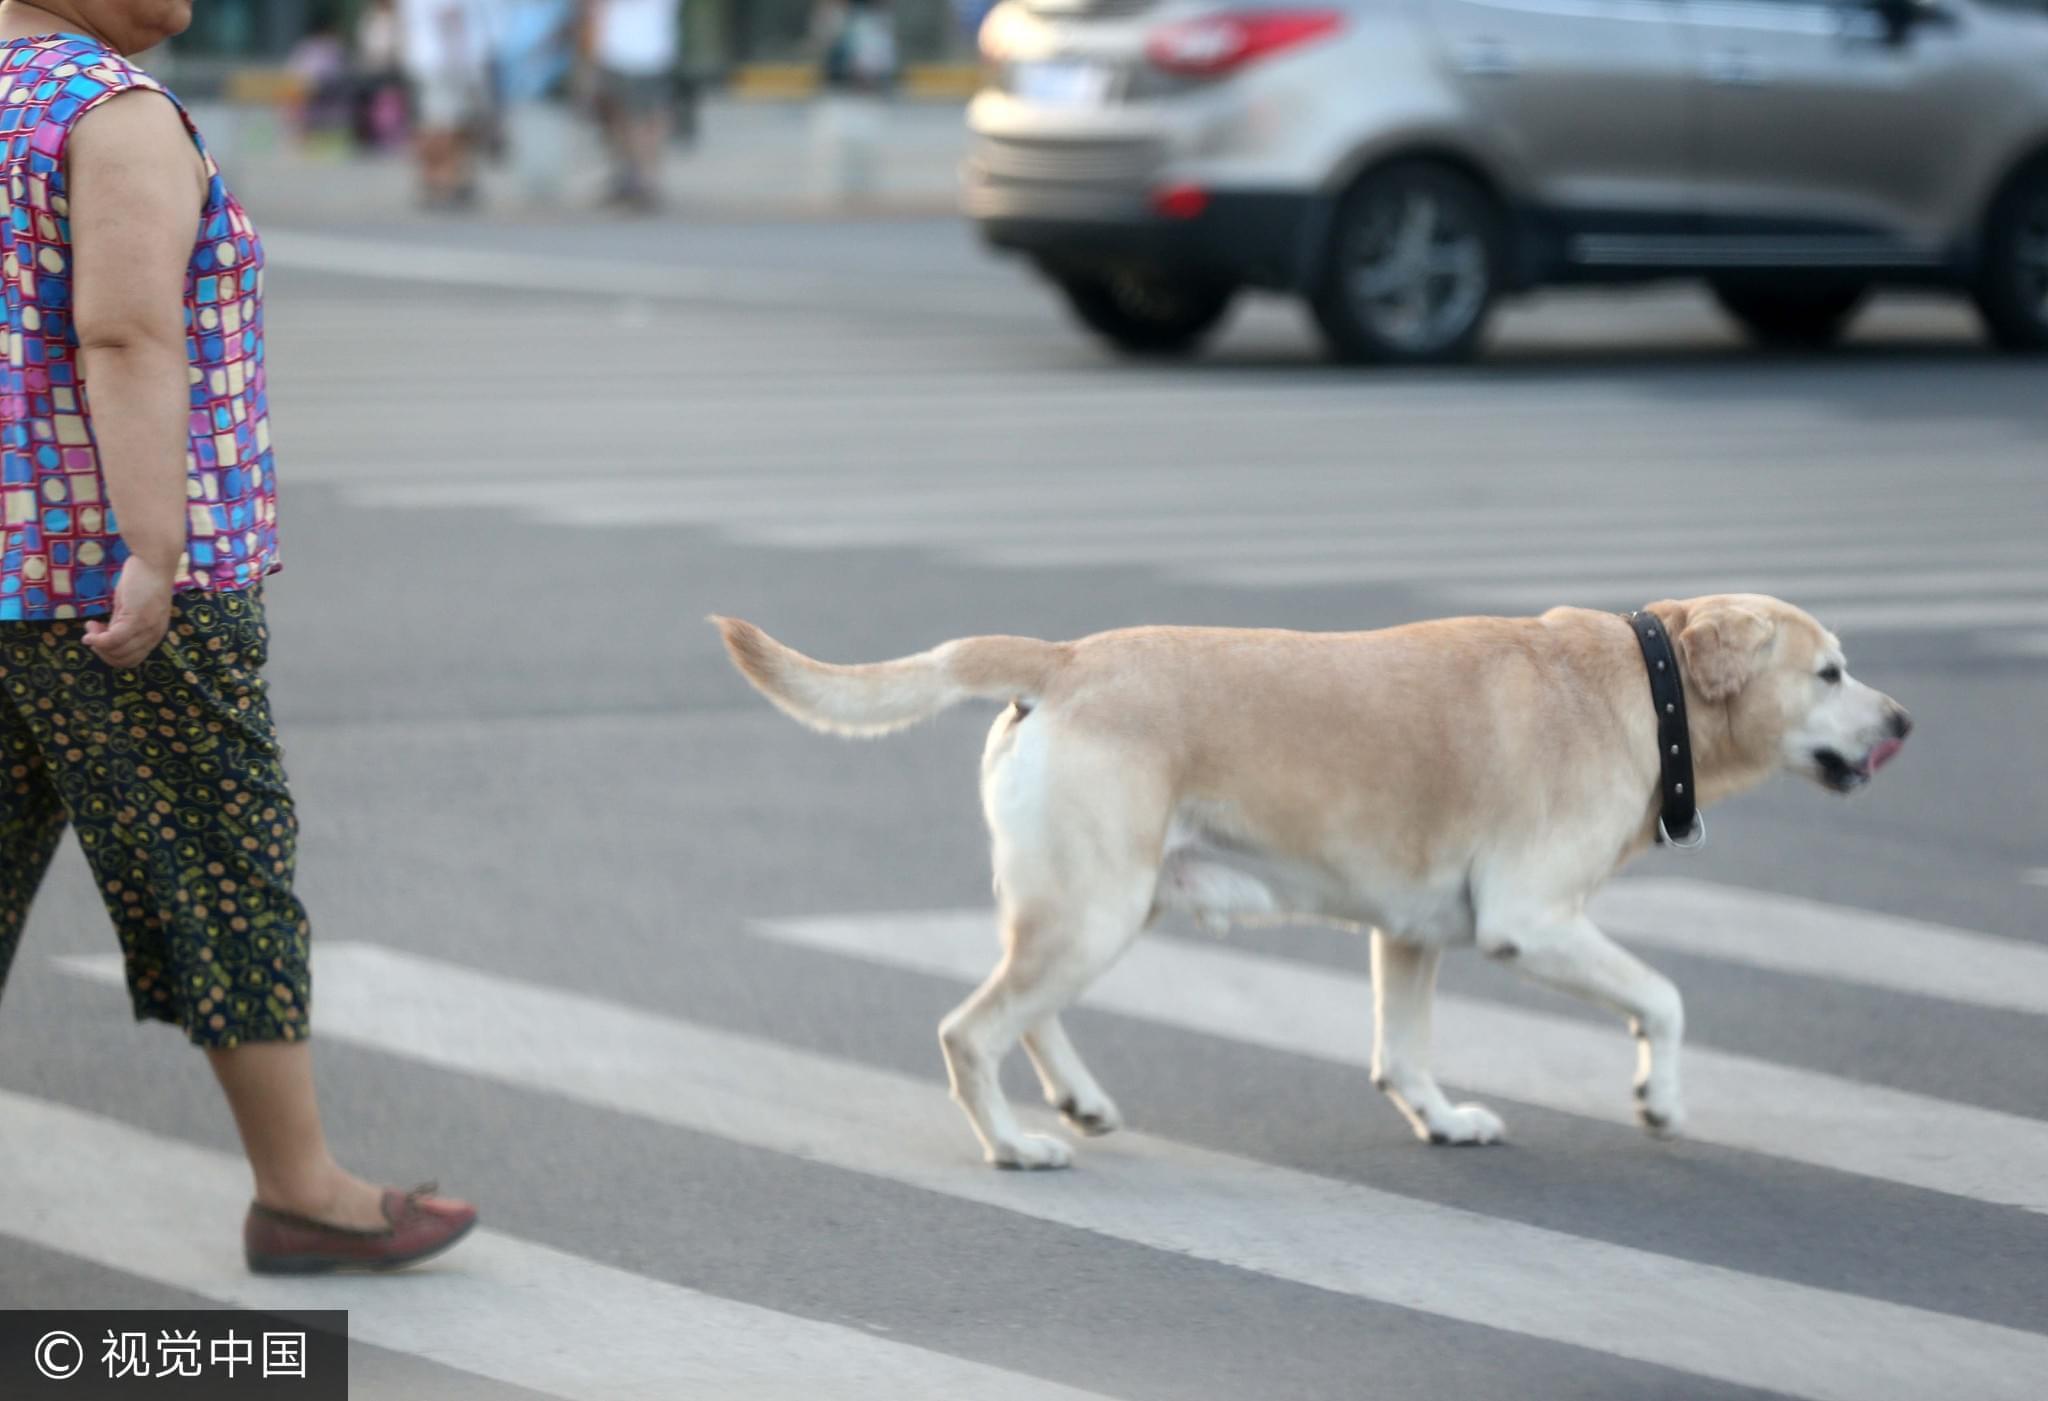 2017年7月30日,西安。很多主人没有给宠物狗牵狗绳的习惯,让路人很没有安全感/视觉中国